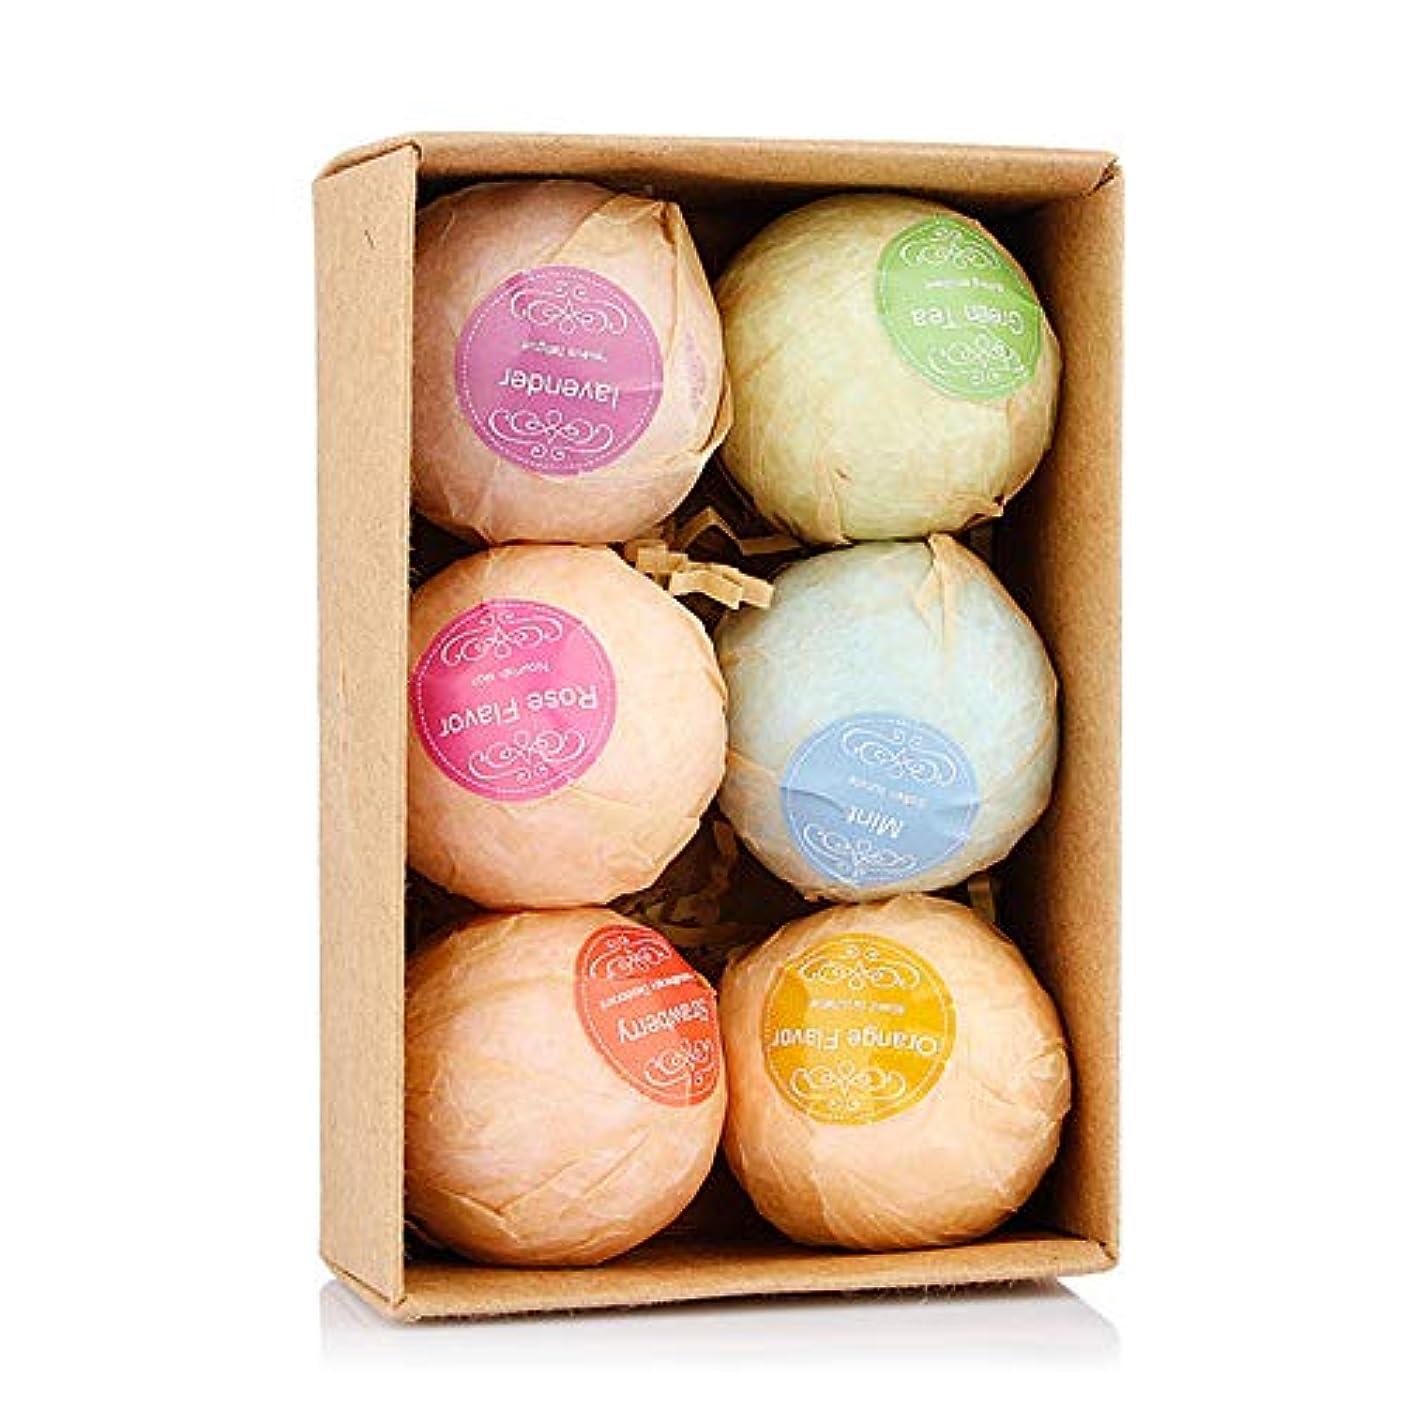 粗い稼ぐのみバスボム 入浴剤 炭酸 バスボール 6つの香り 手作り 入浴料 うるおいプラス お風呂用 入浴剤 ギフトセット6枚 プレゼント最適